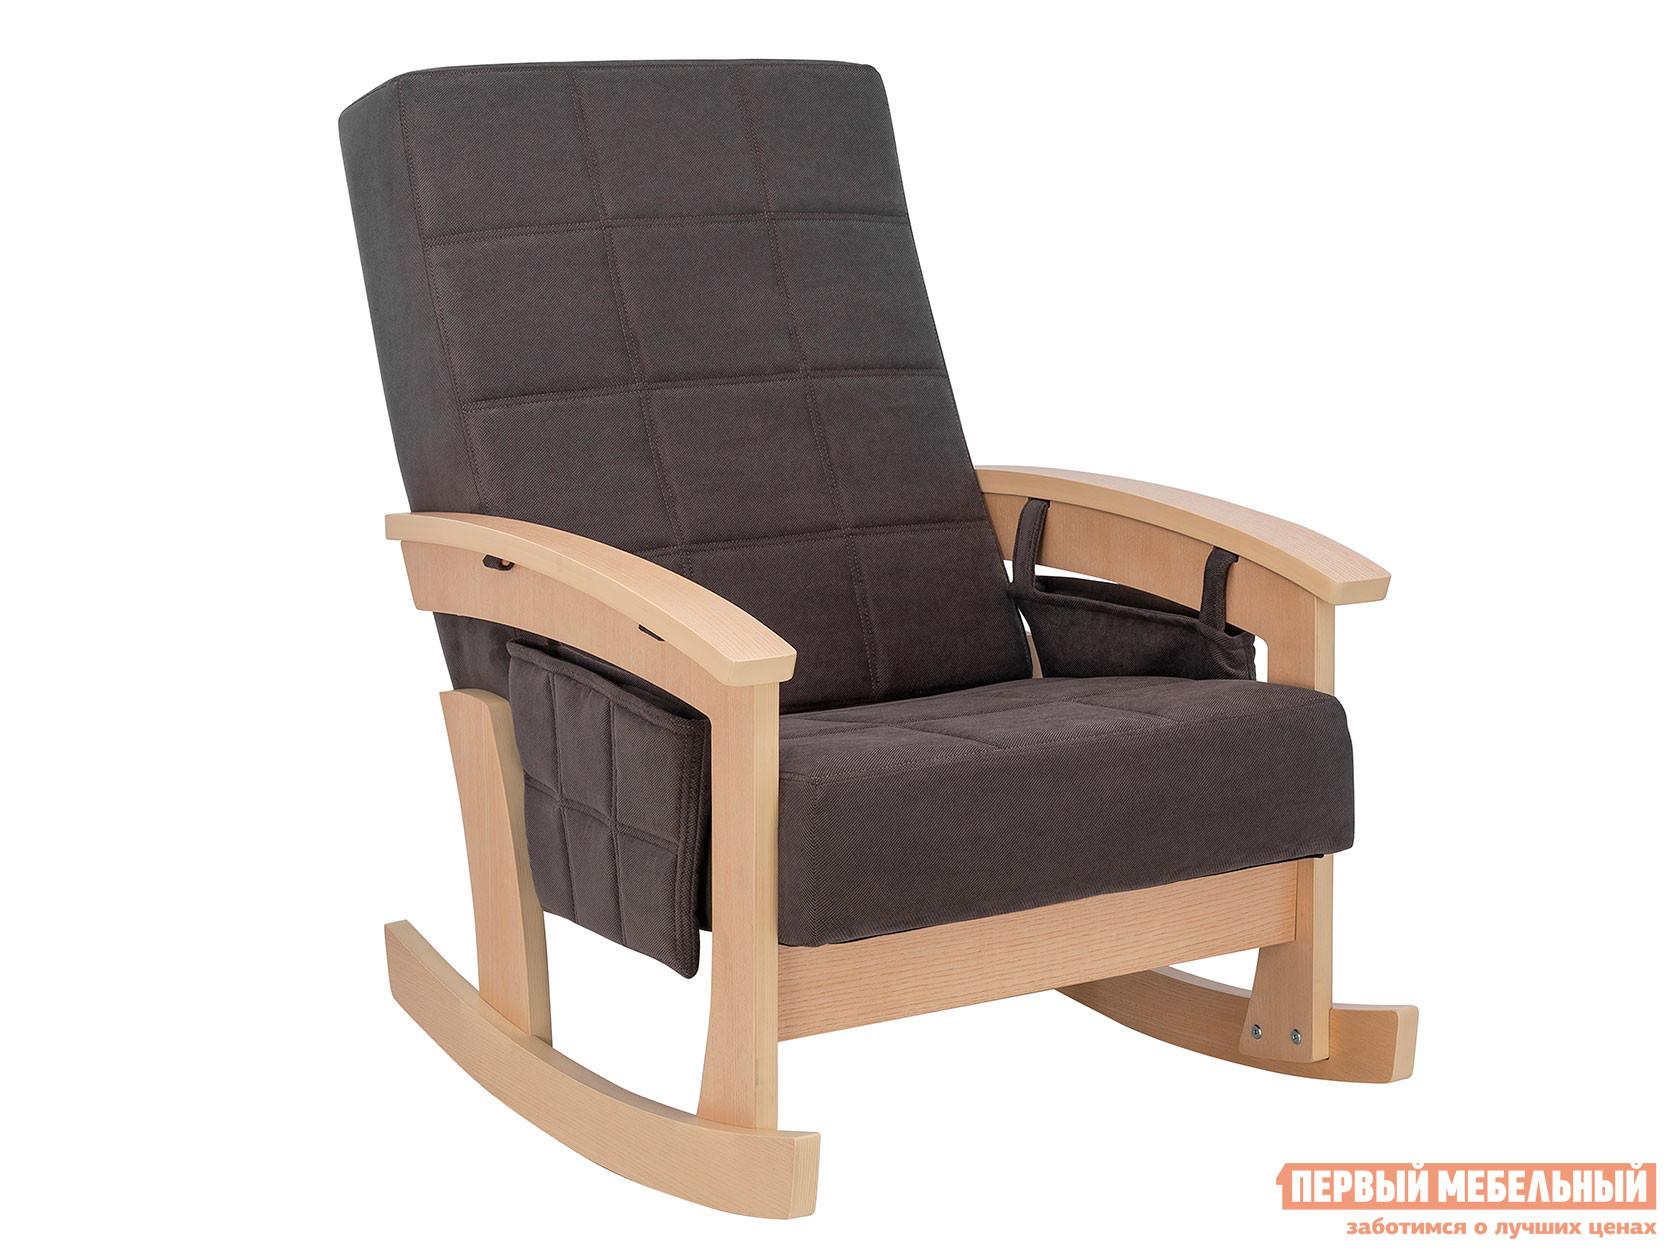 Кресло-качалка Мебель Импэкс Кресло-качалка Нордик кресло качалка мебель импэкс кресло качалка складное белтех